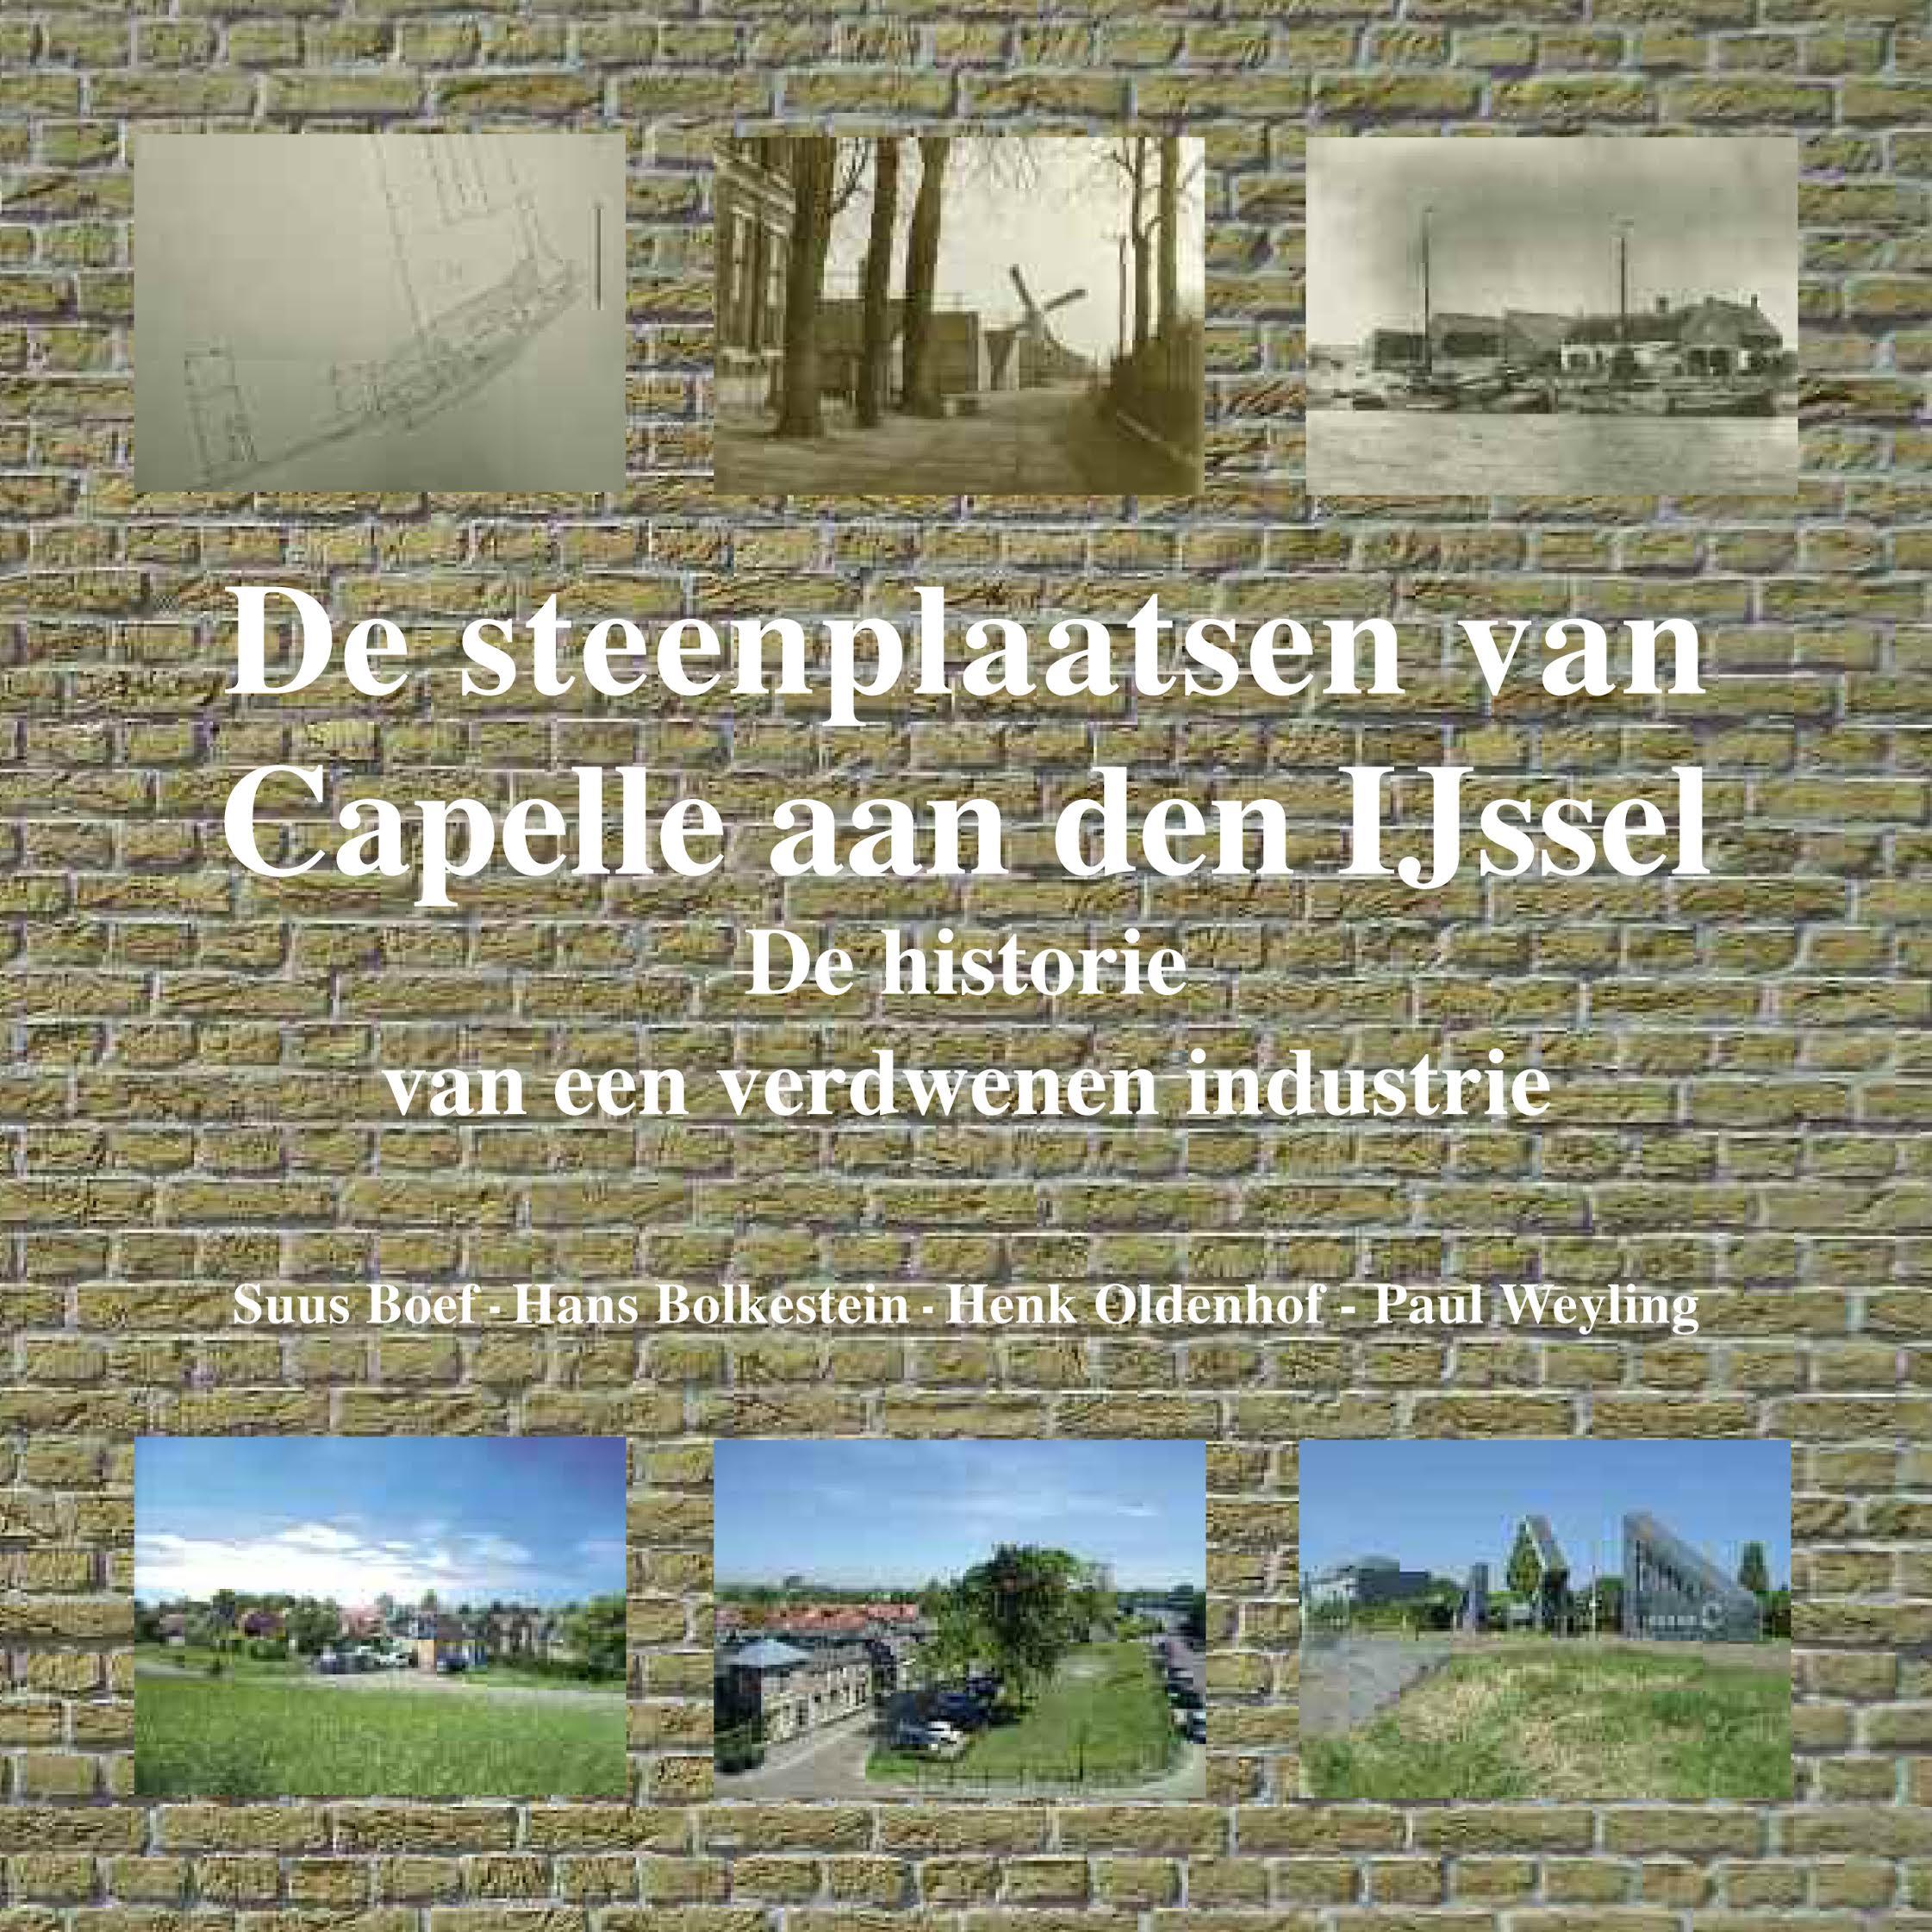 De steenplaatsen van Capelle